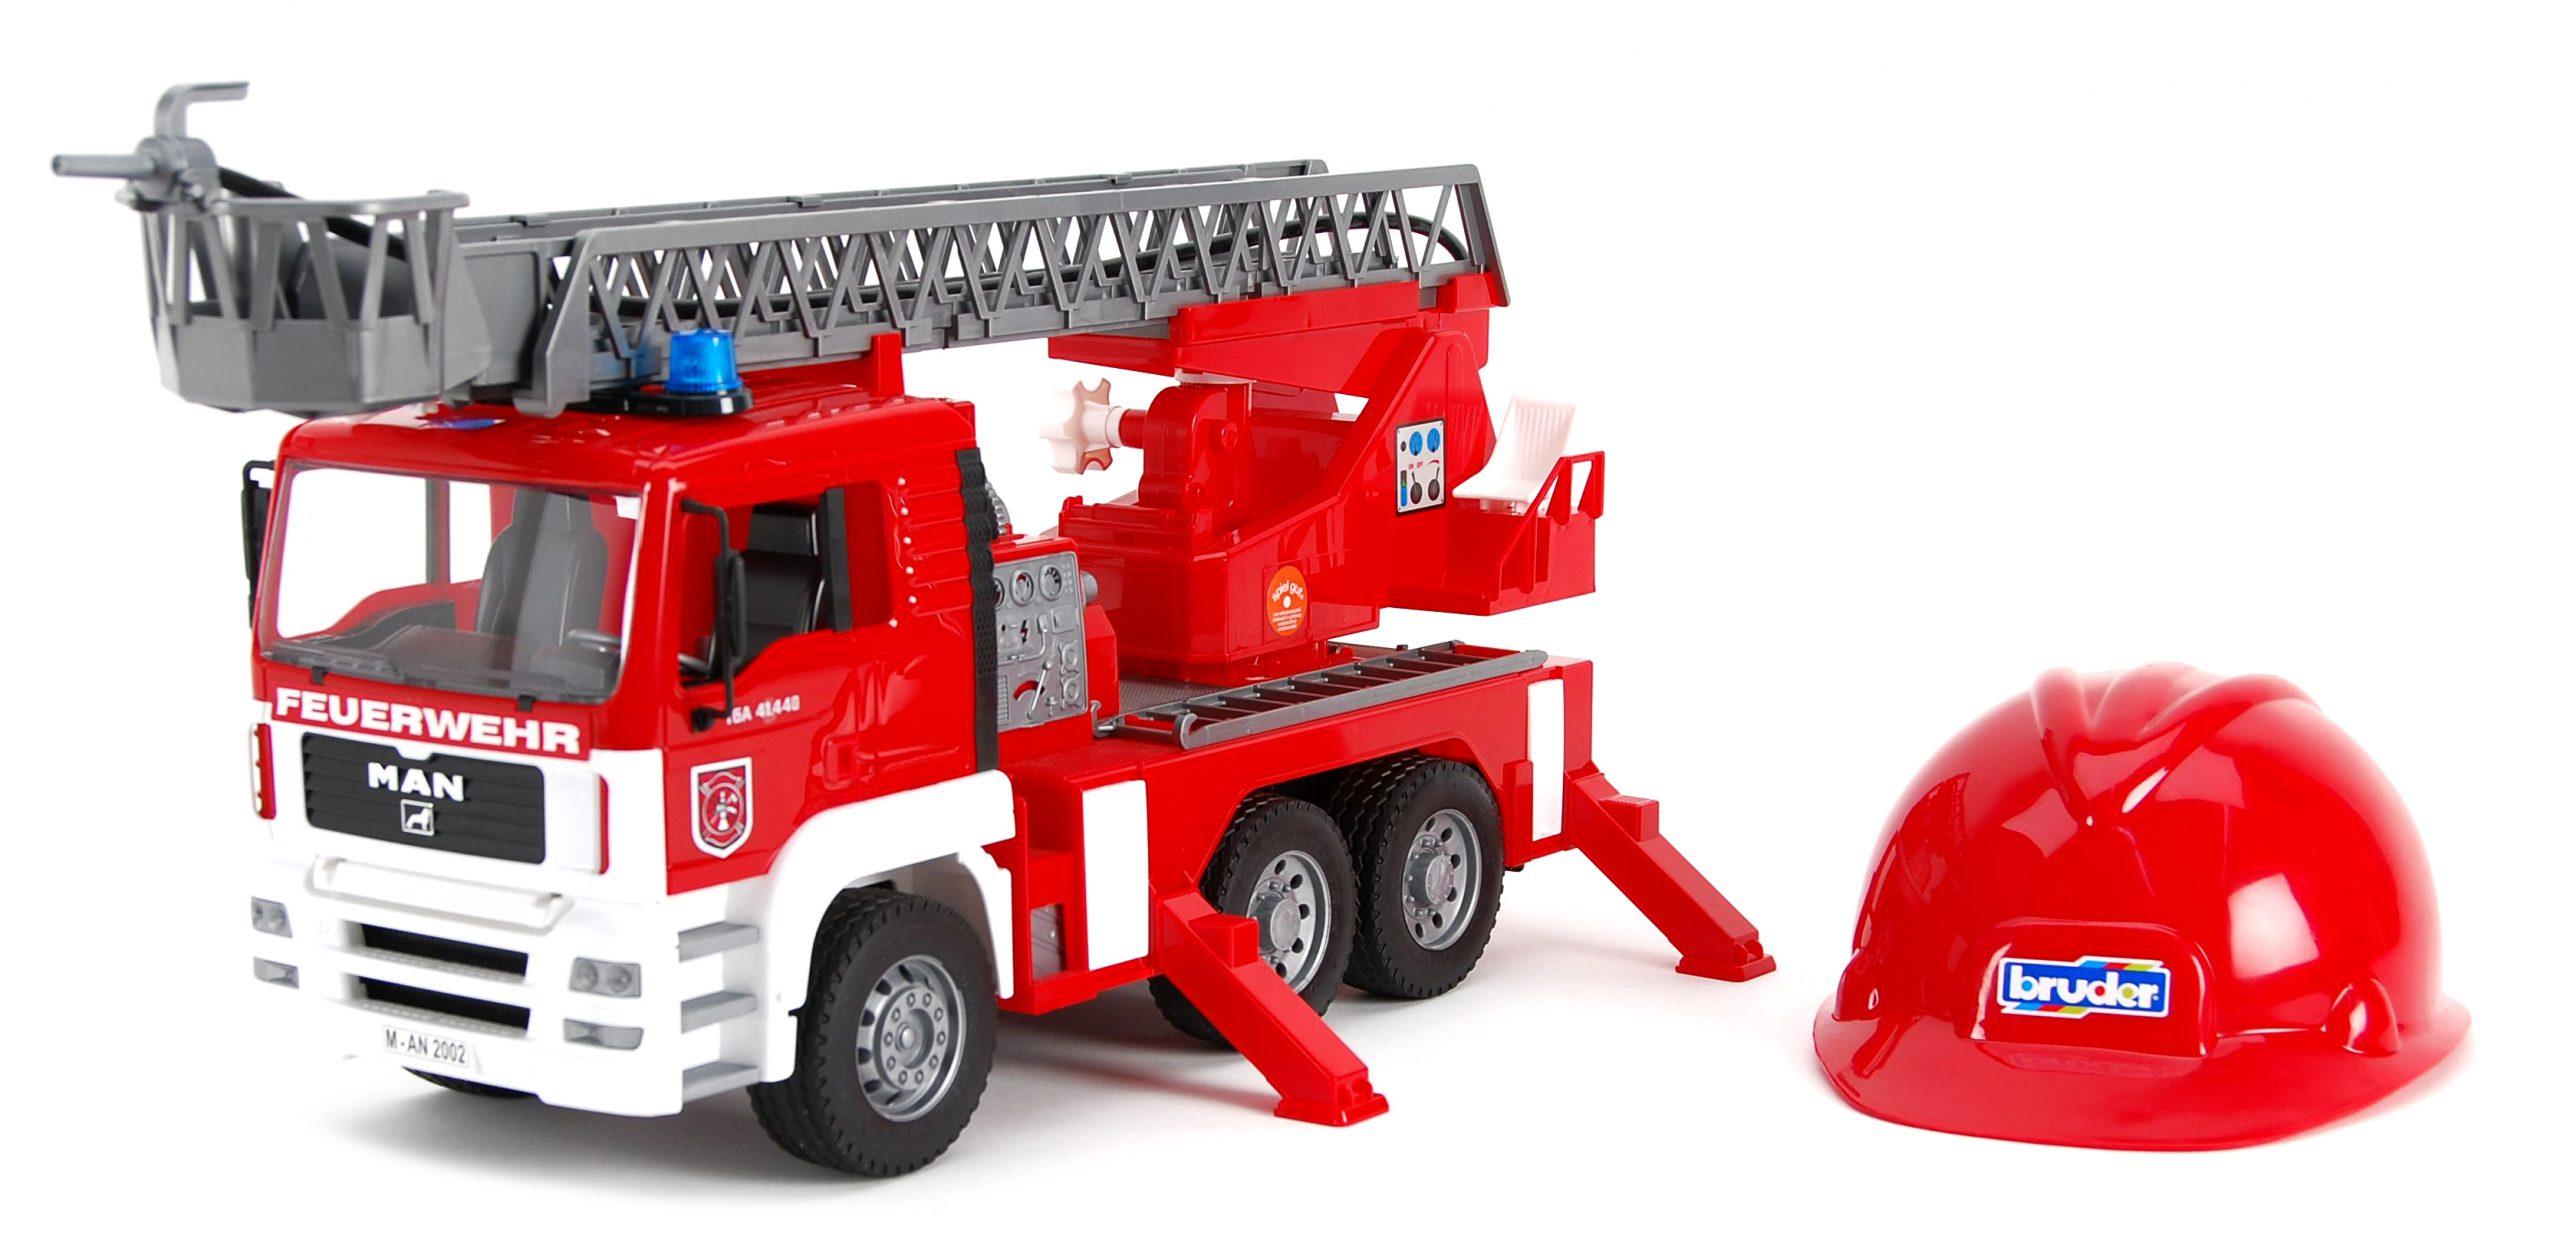 Bruder - Camion De Pompiers Avec Module Électronique Et dedans Jeux De Camion De Pompier Gratuit